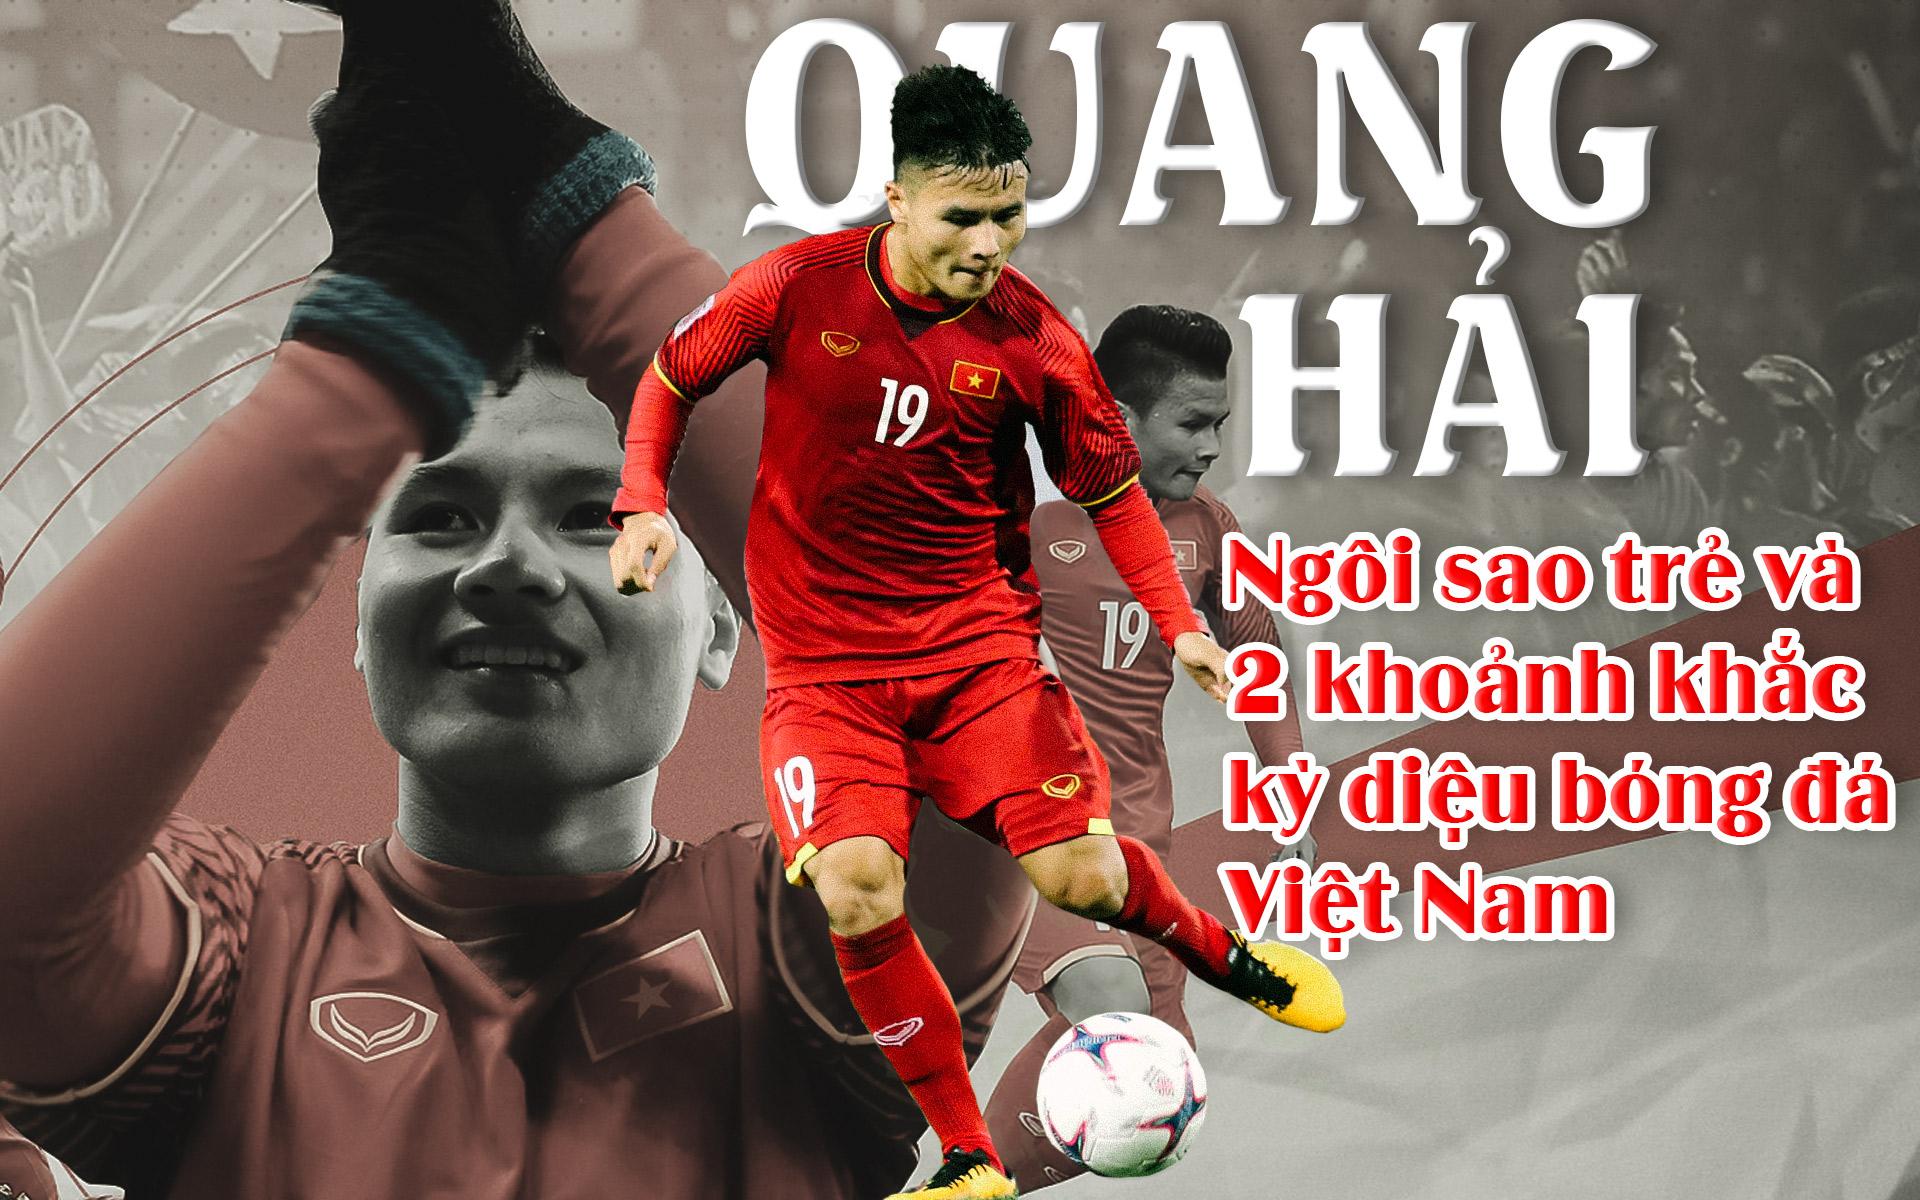 Quang Hải – Ngôi sao trẻ & 2 khoảnh khắc kỳ diệu bóng đá Việt Nam - 1